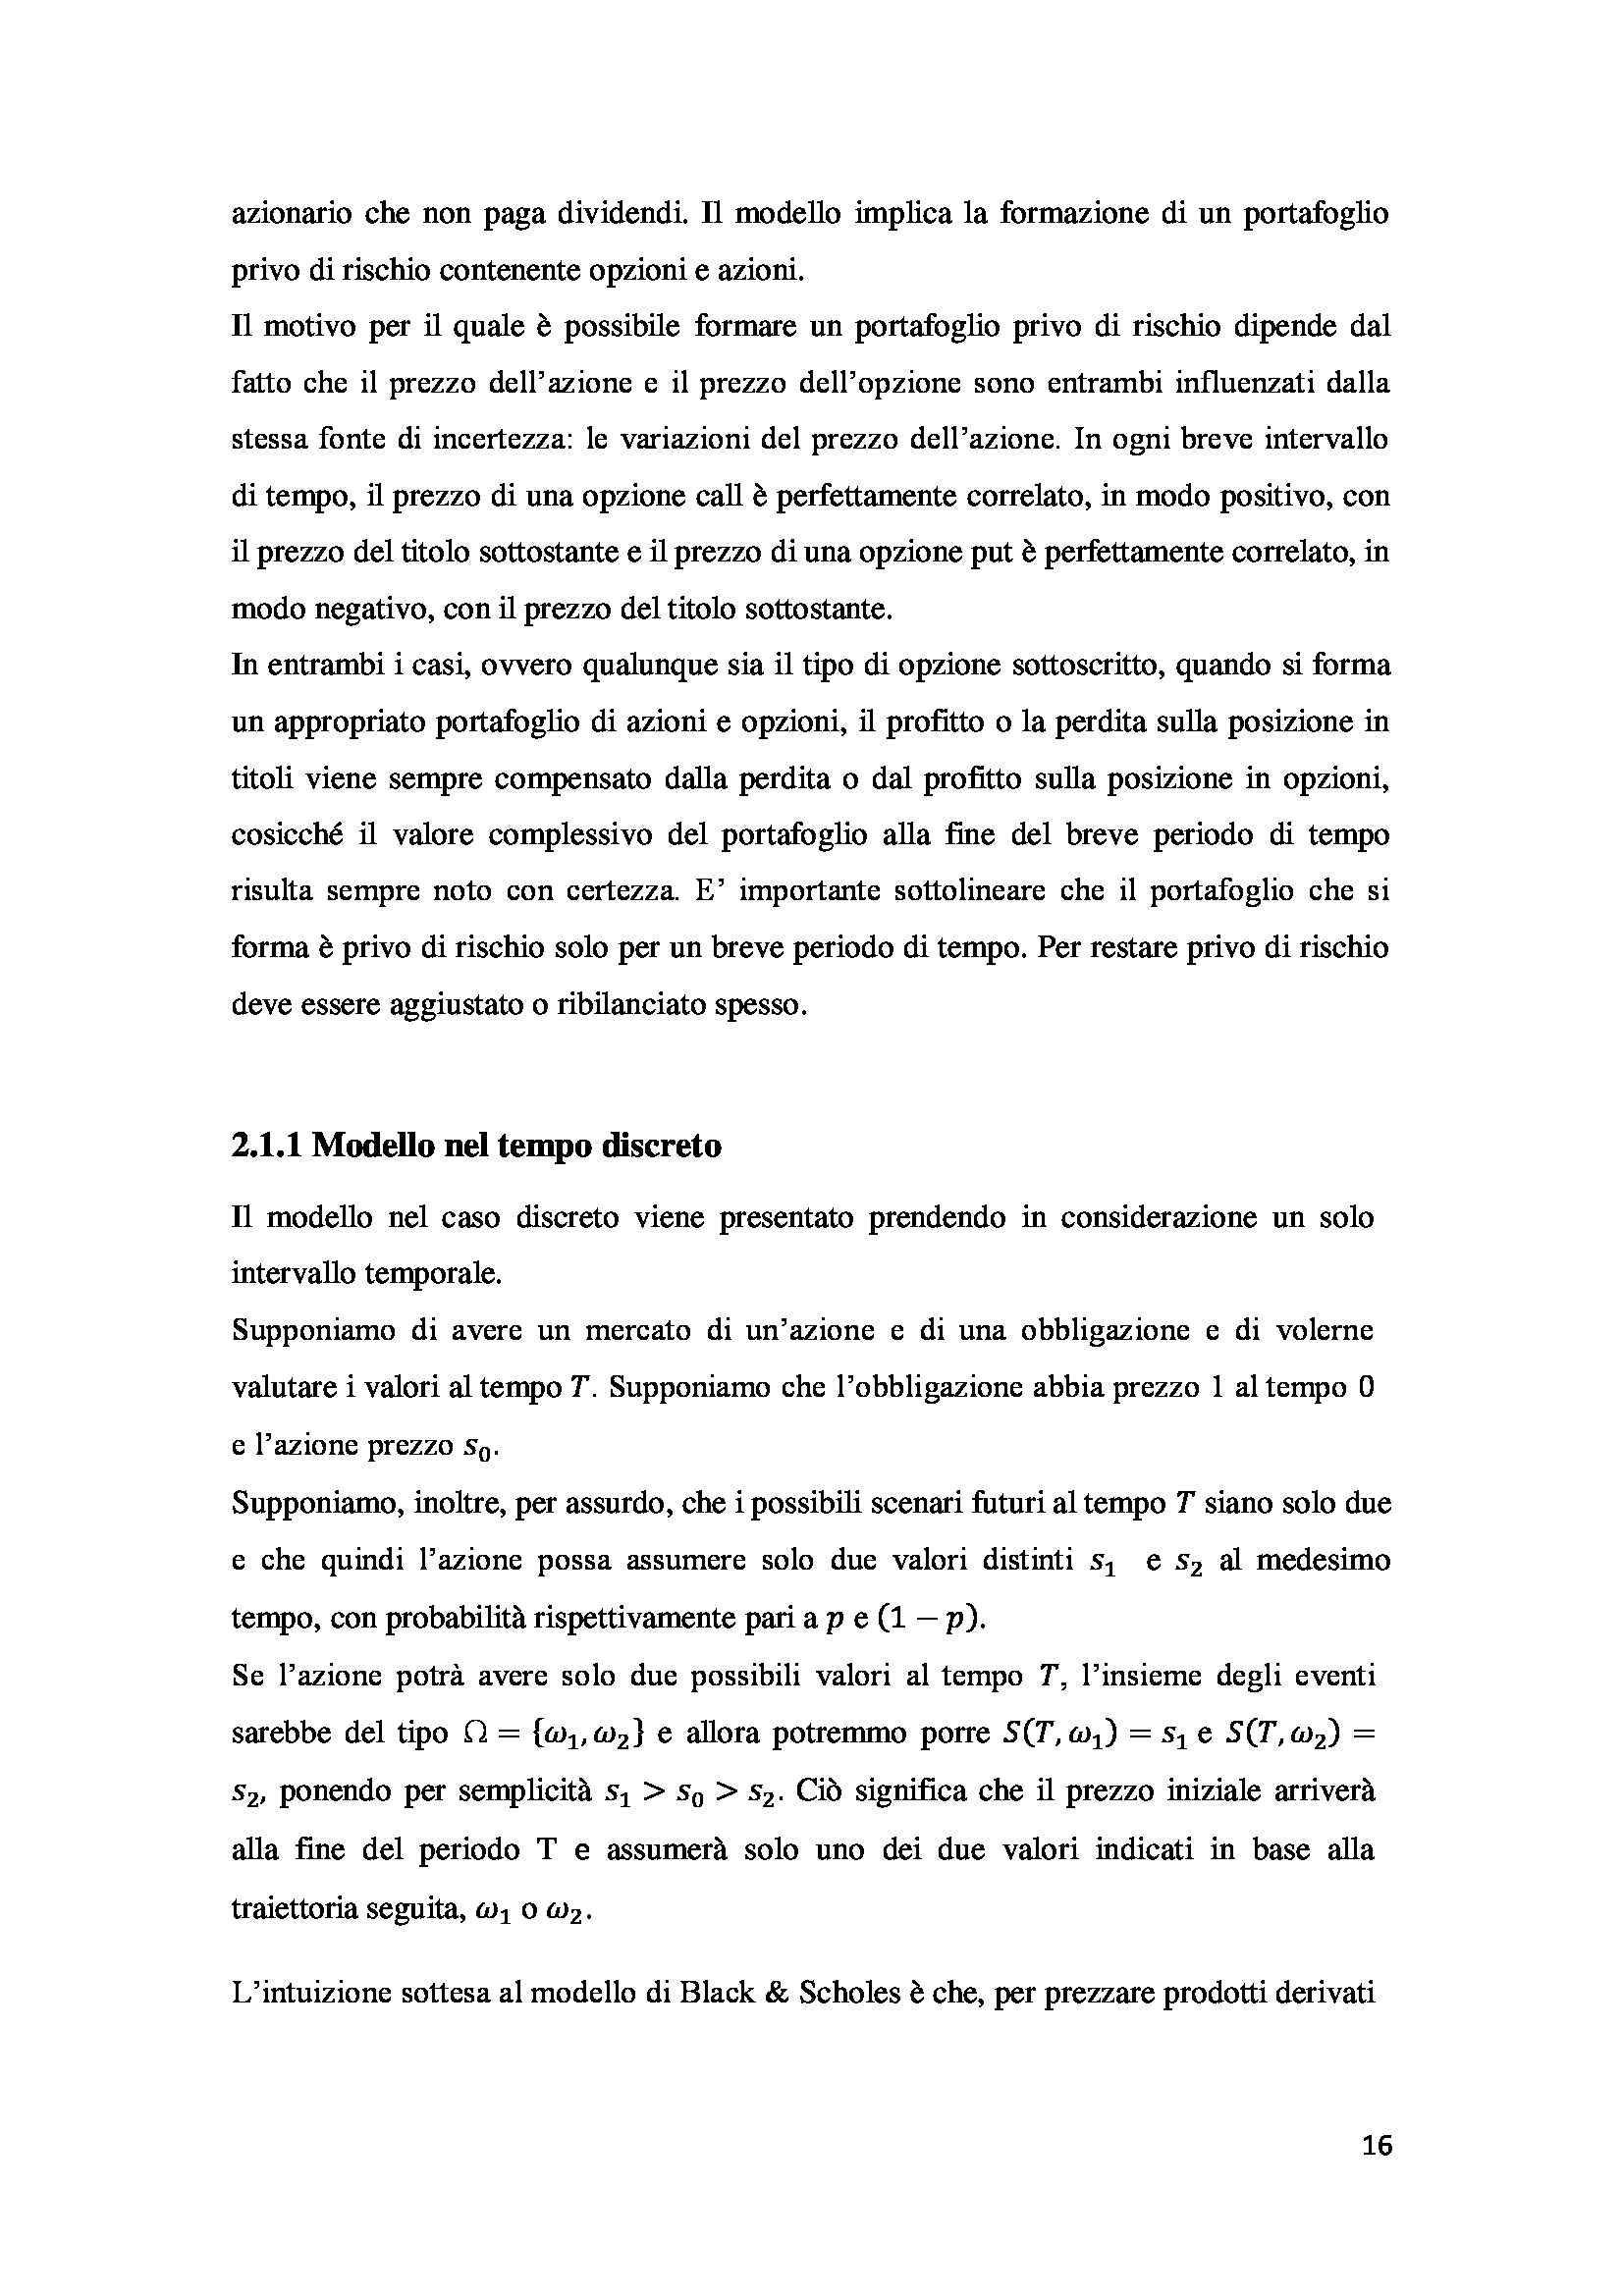 Tesi - Opzioni - metodi prezzatura Pag. 26